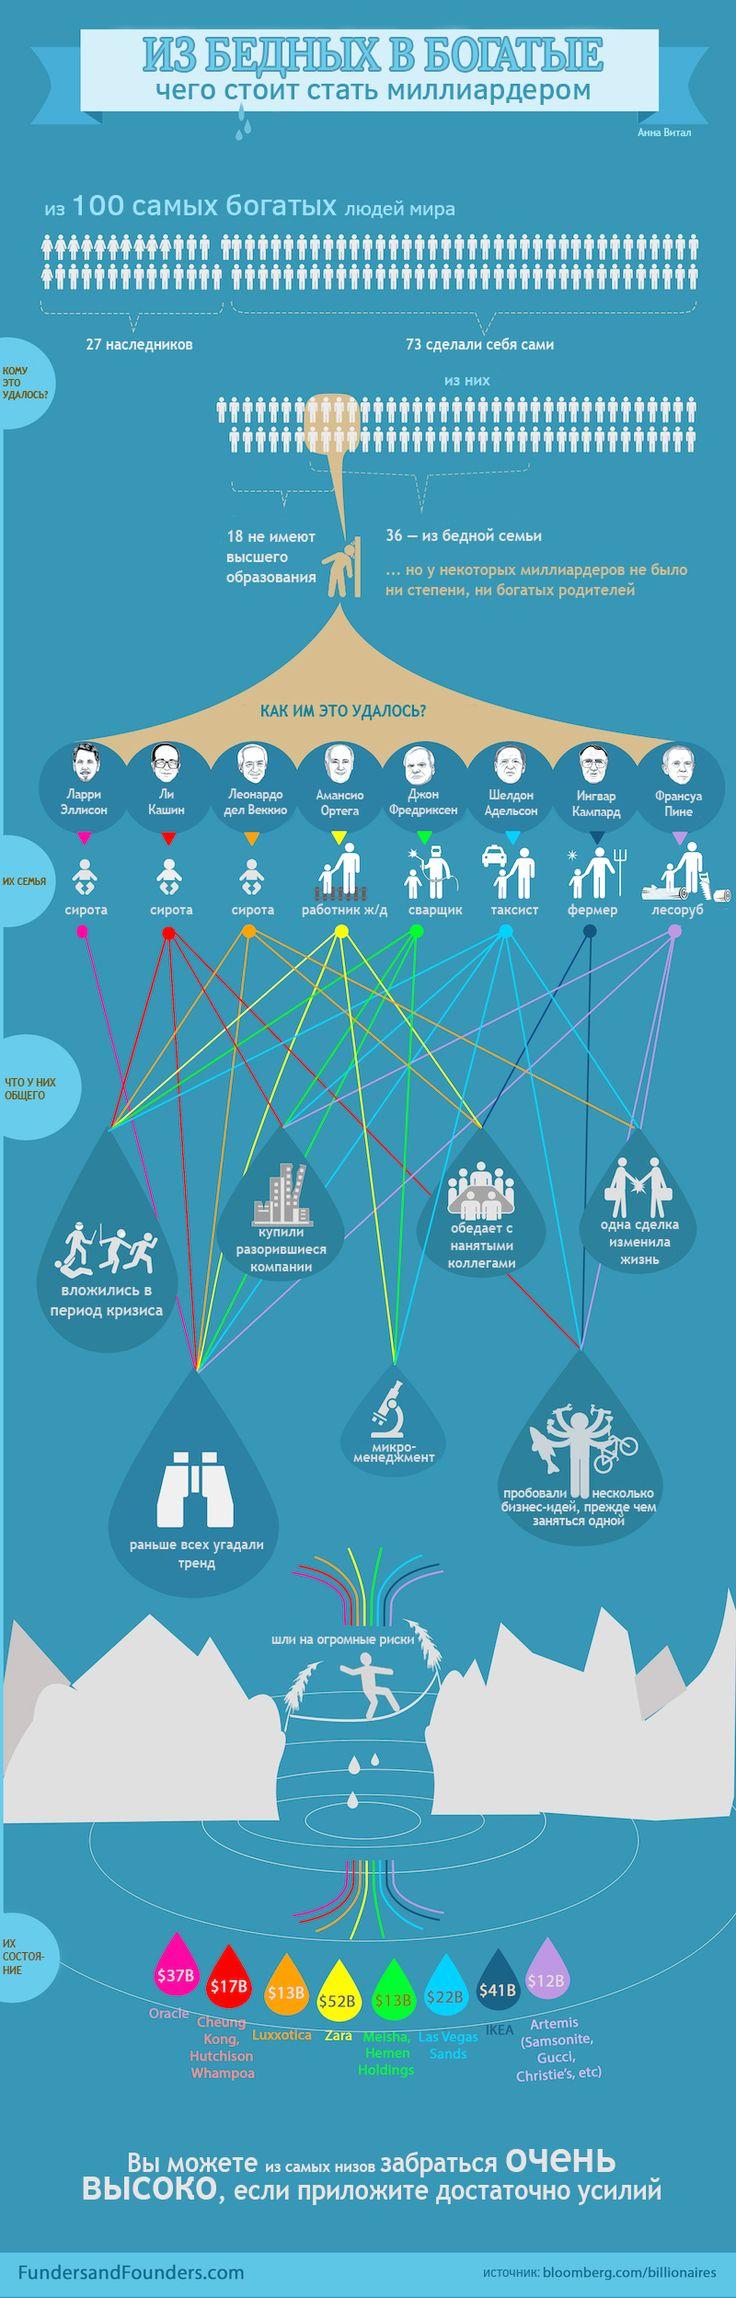 Из бедных в богатые, чего стоит стать миллиардером - инфографика